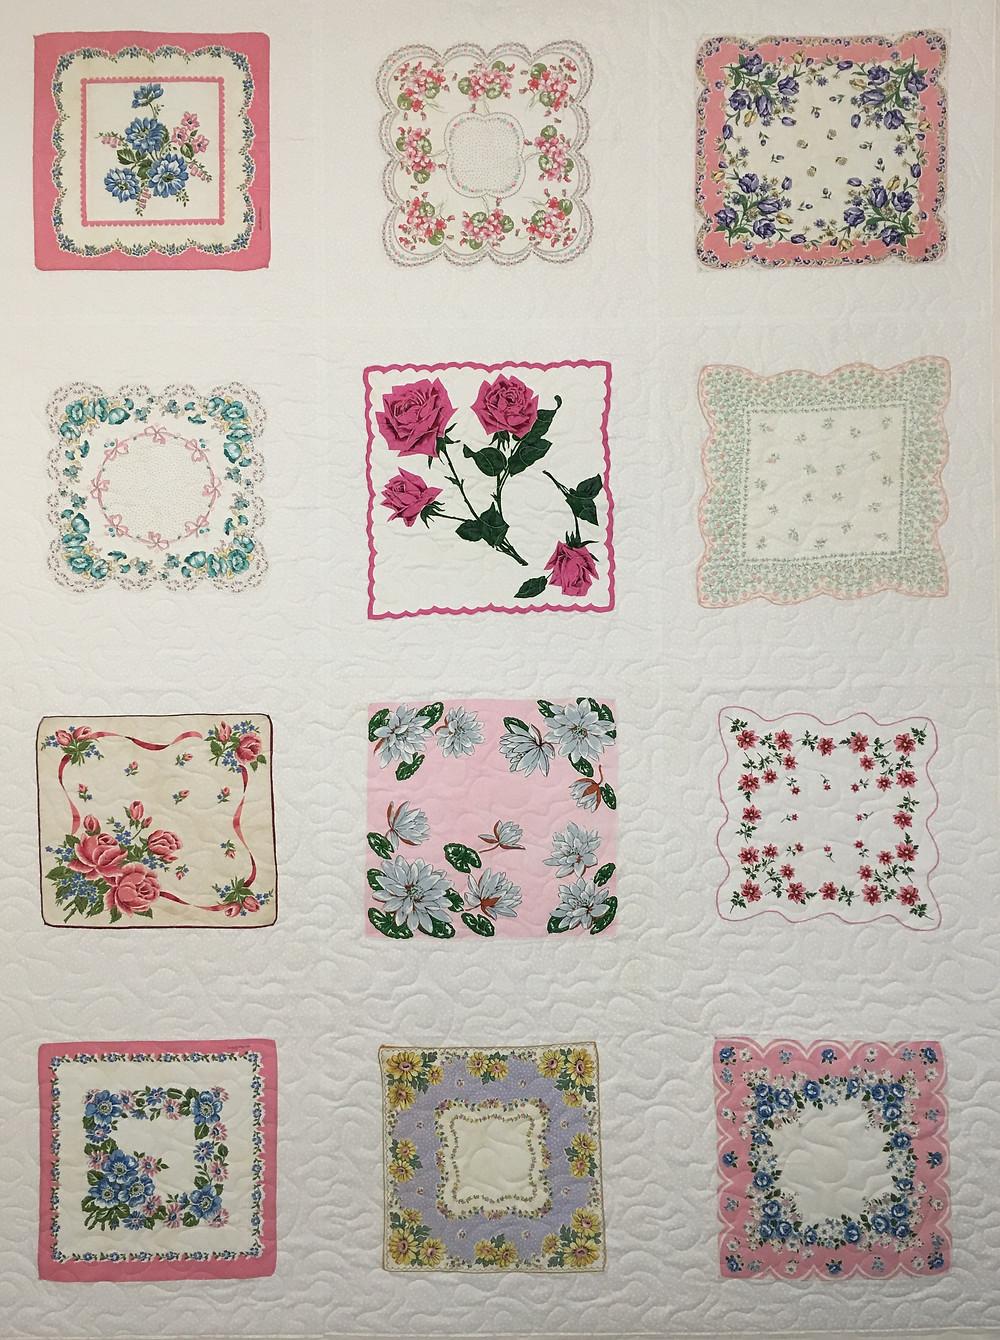 Pink Hankie Quilt by Susan Abram